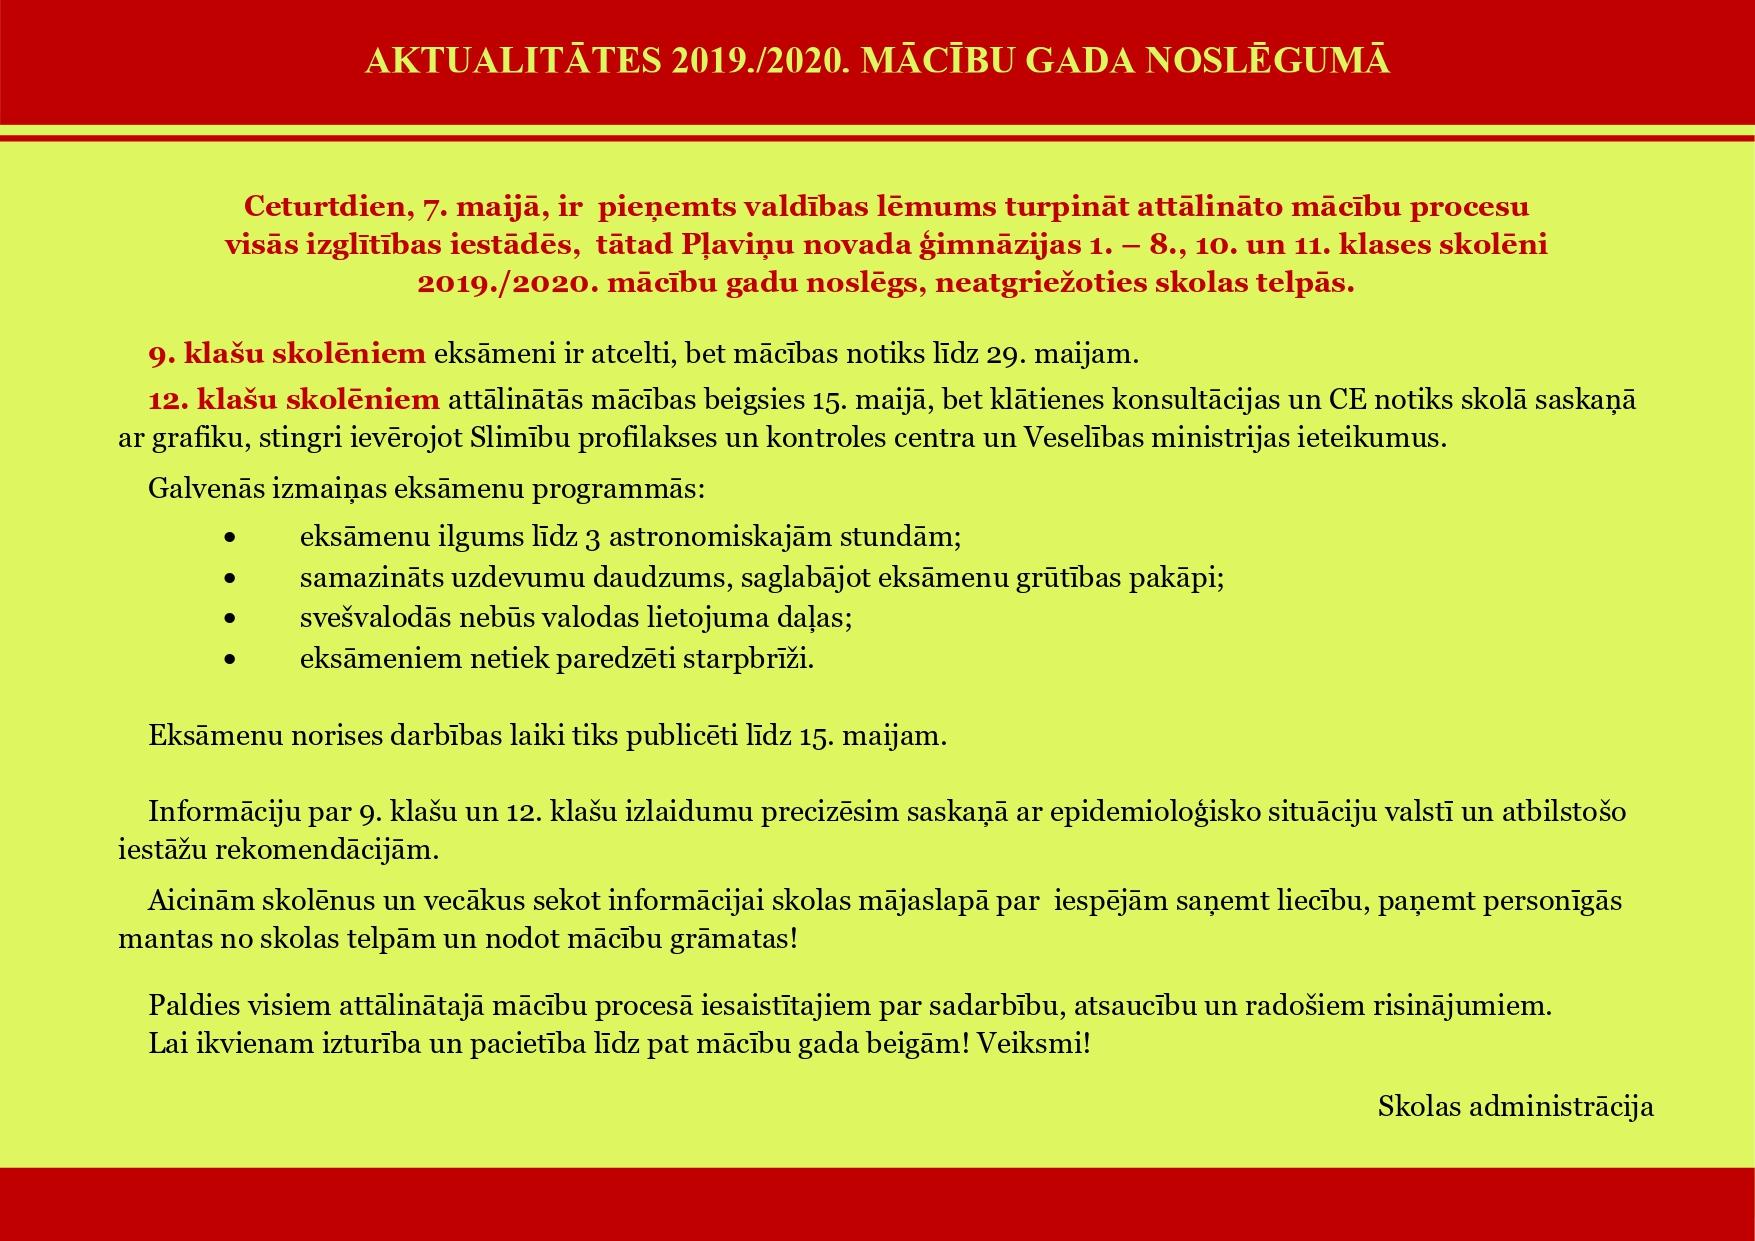 aktualitates-mg-noslegums